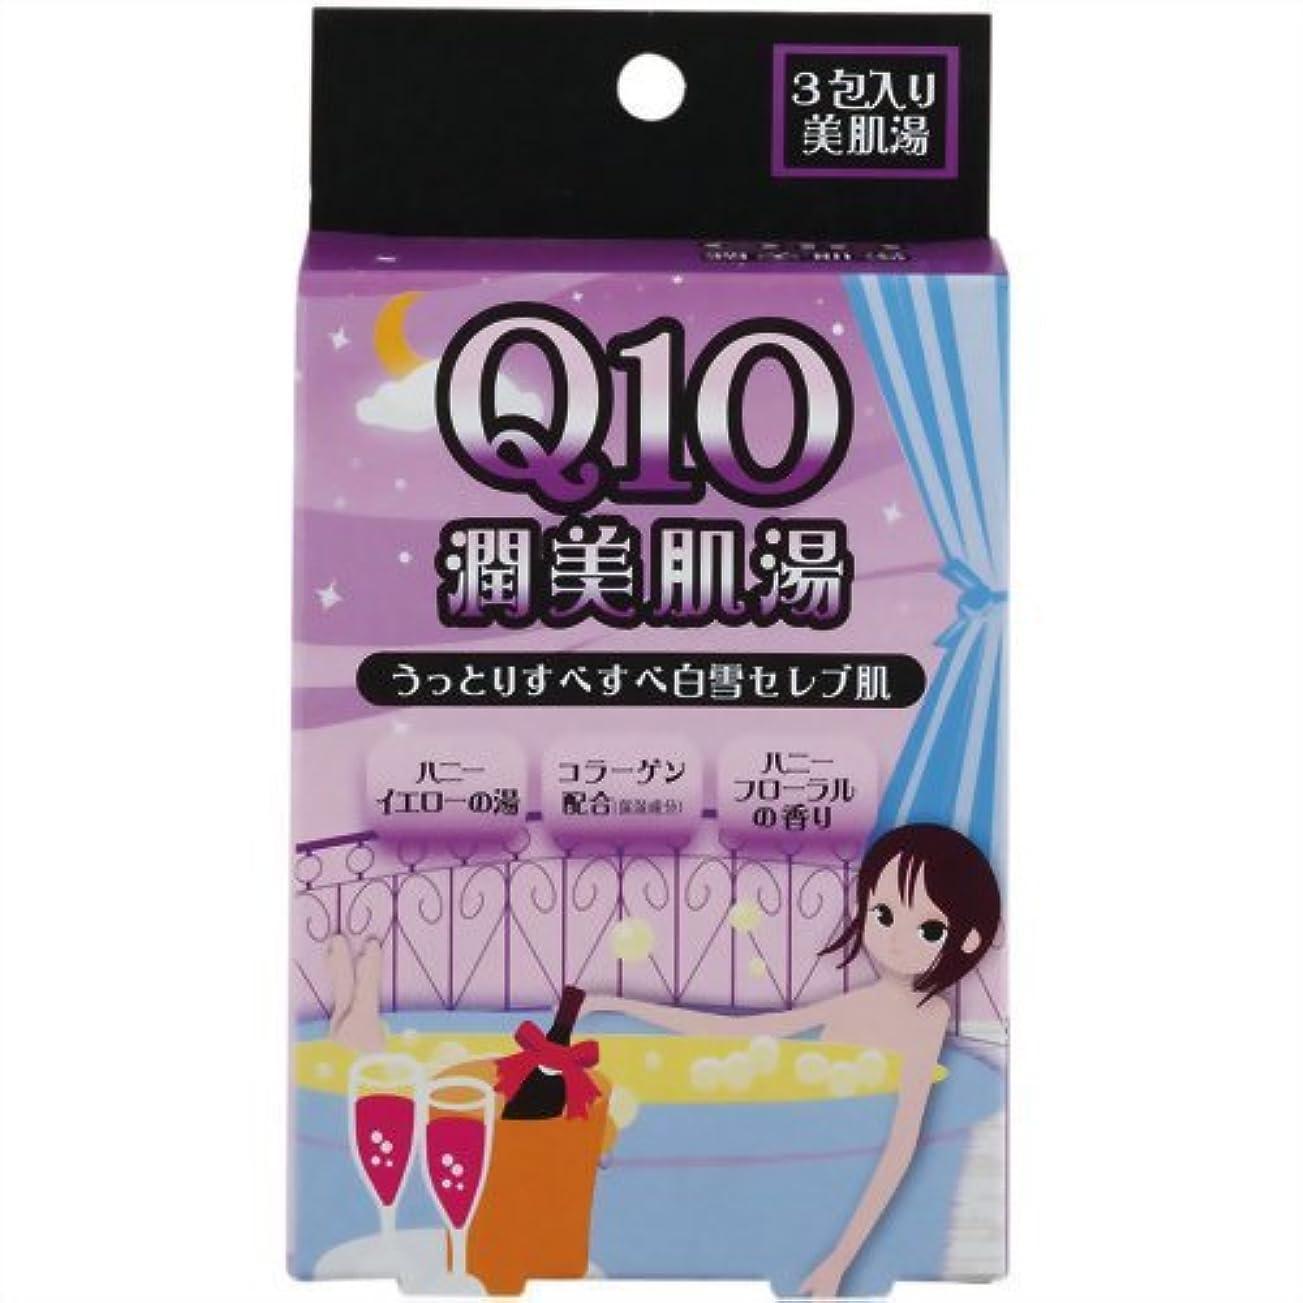 繊維以前は儀式紀陽除虫菊 Q10 潤美肌湯 (ハニーフローラルの香り)【まとめ買い10個セット】 N-8371